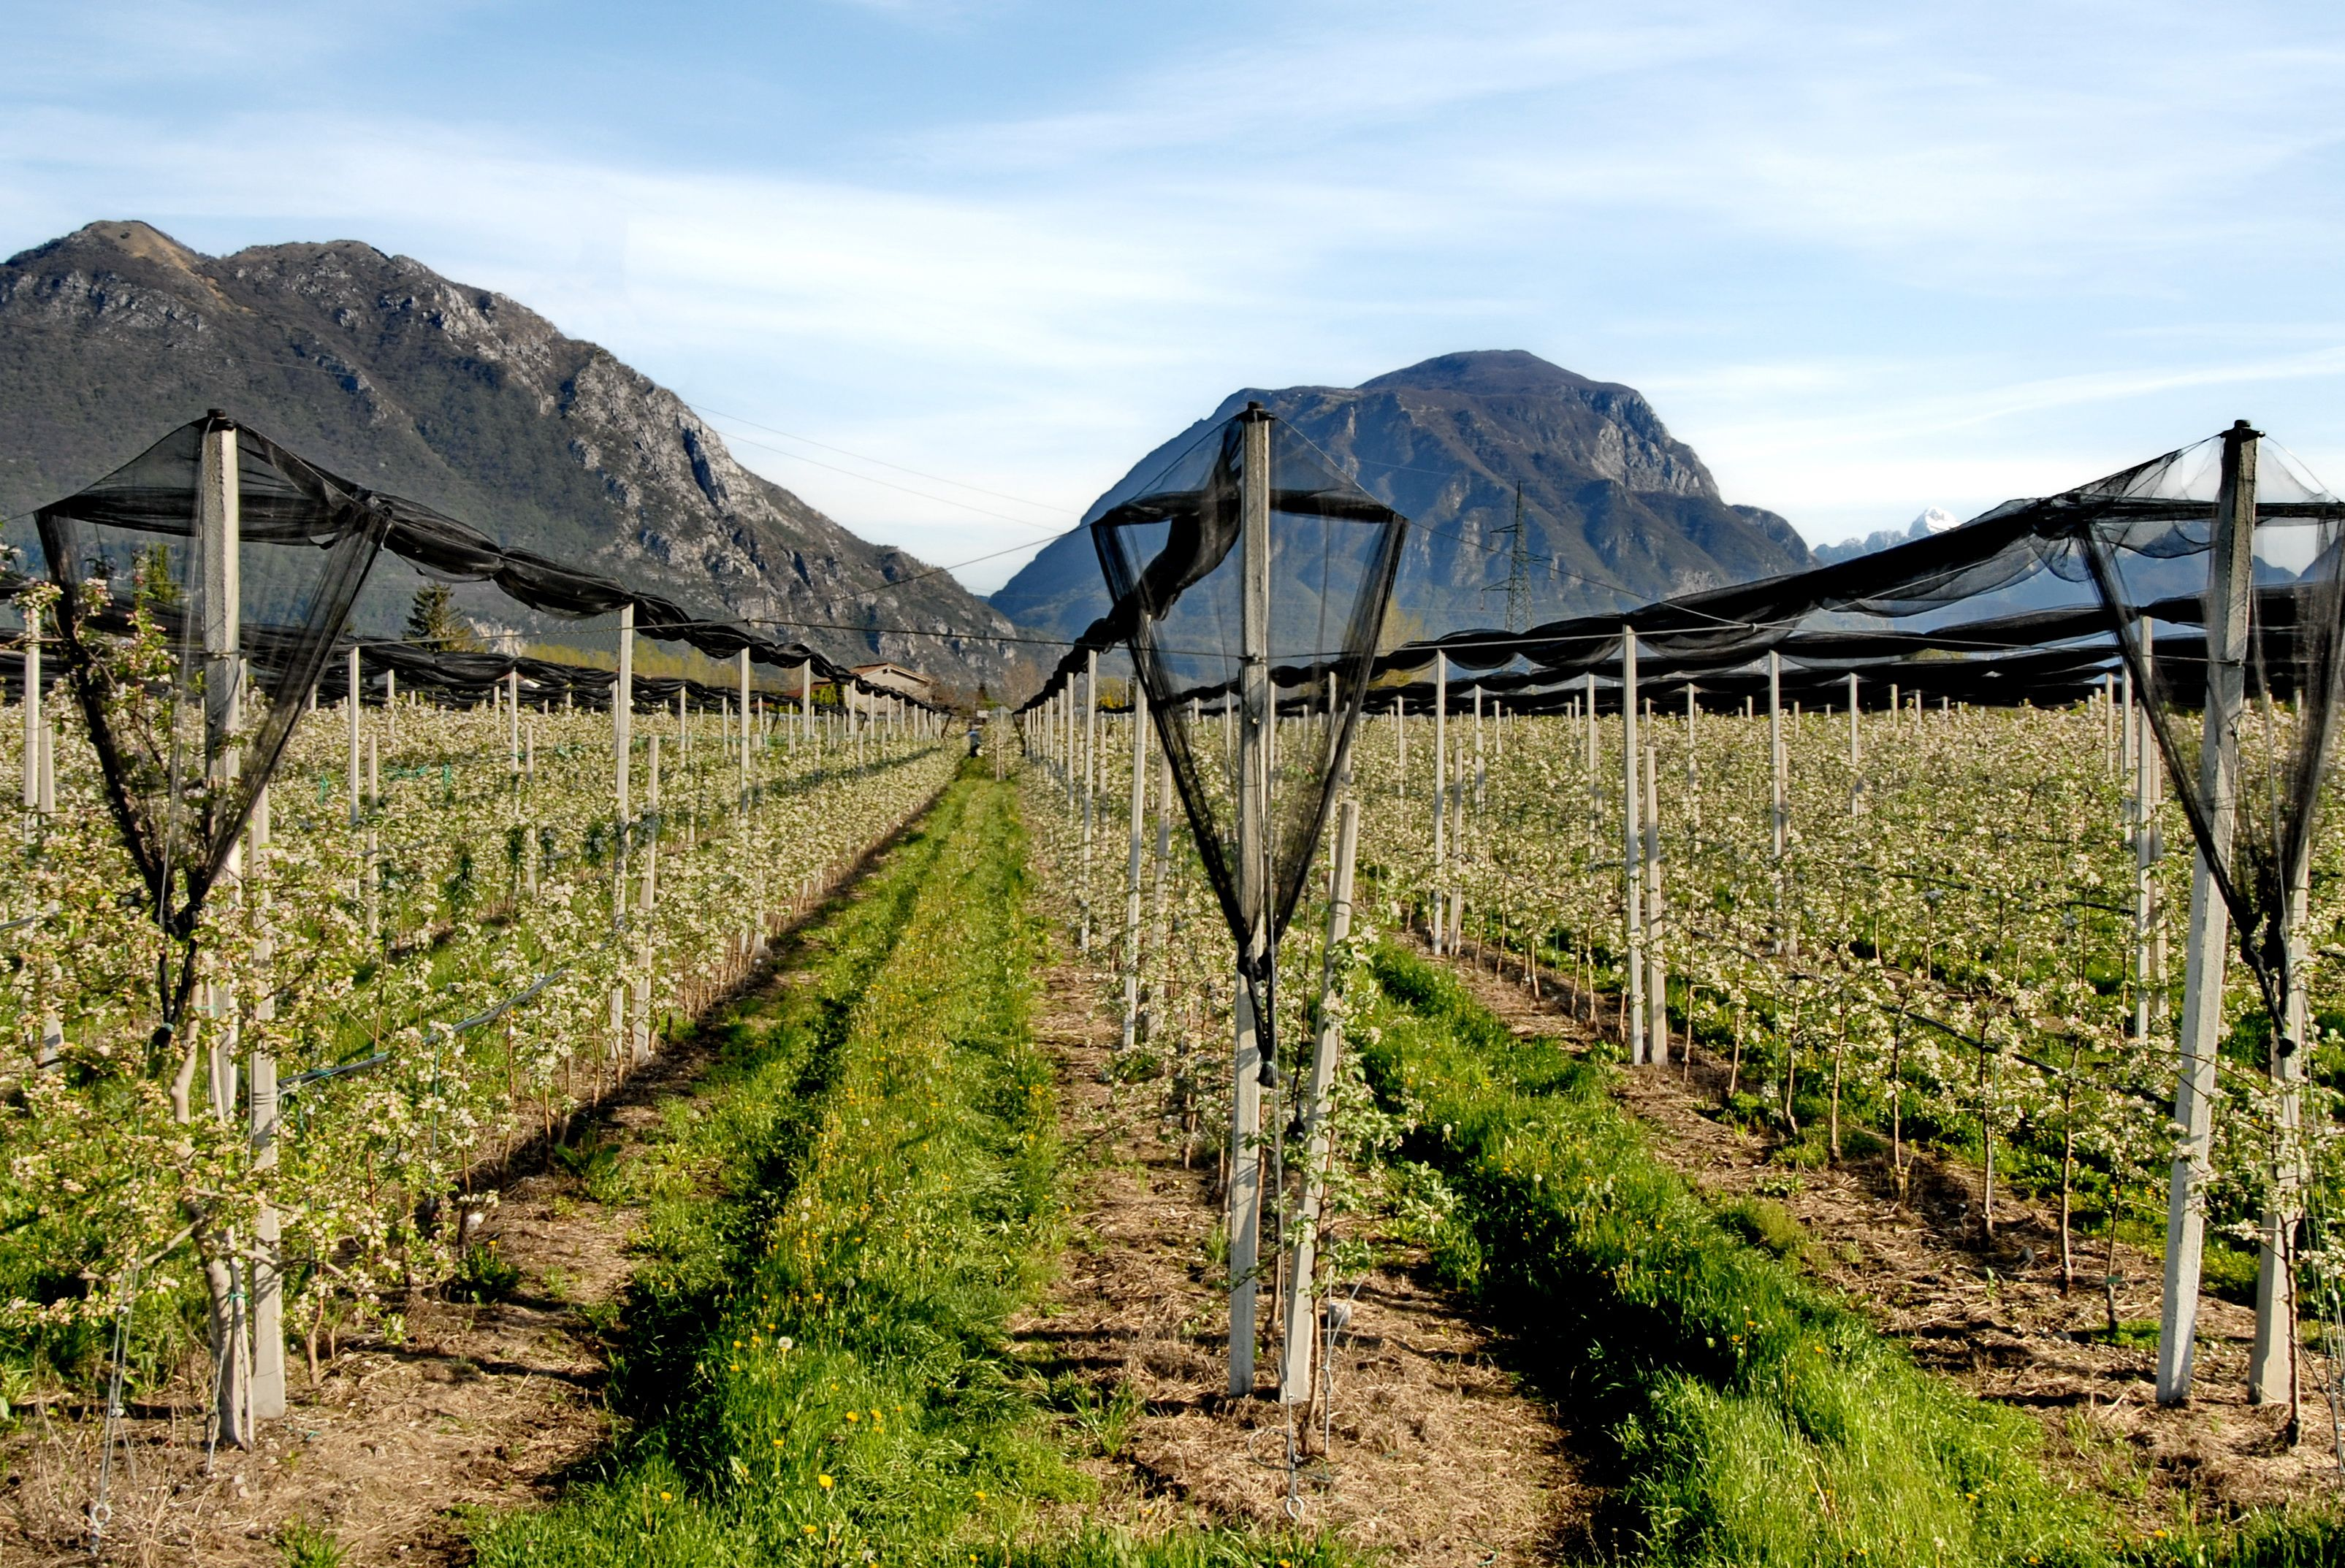 Una panoramica dell' azienda, racchiusa dalla culla geografica delle montagne di Gemona del Friuli